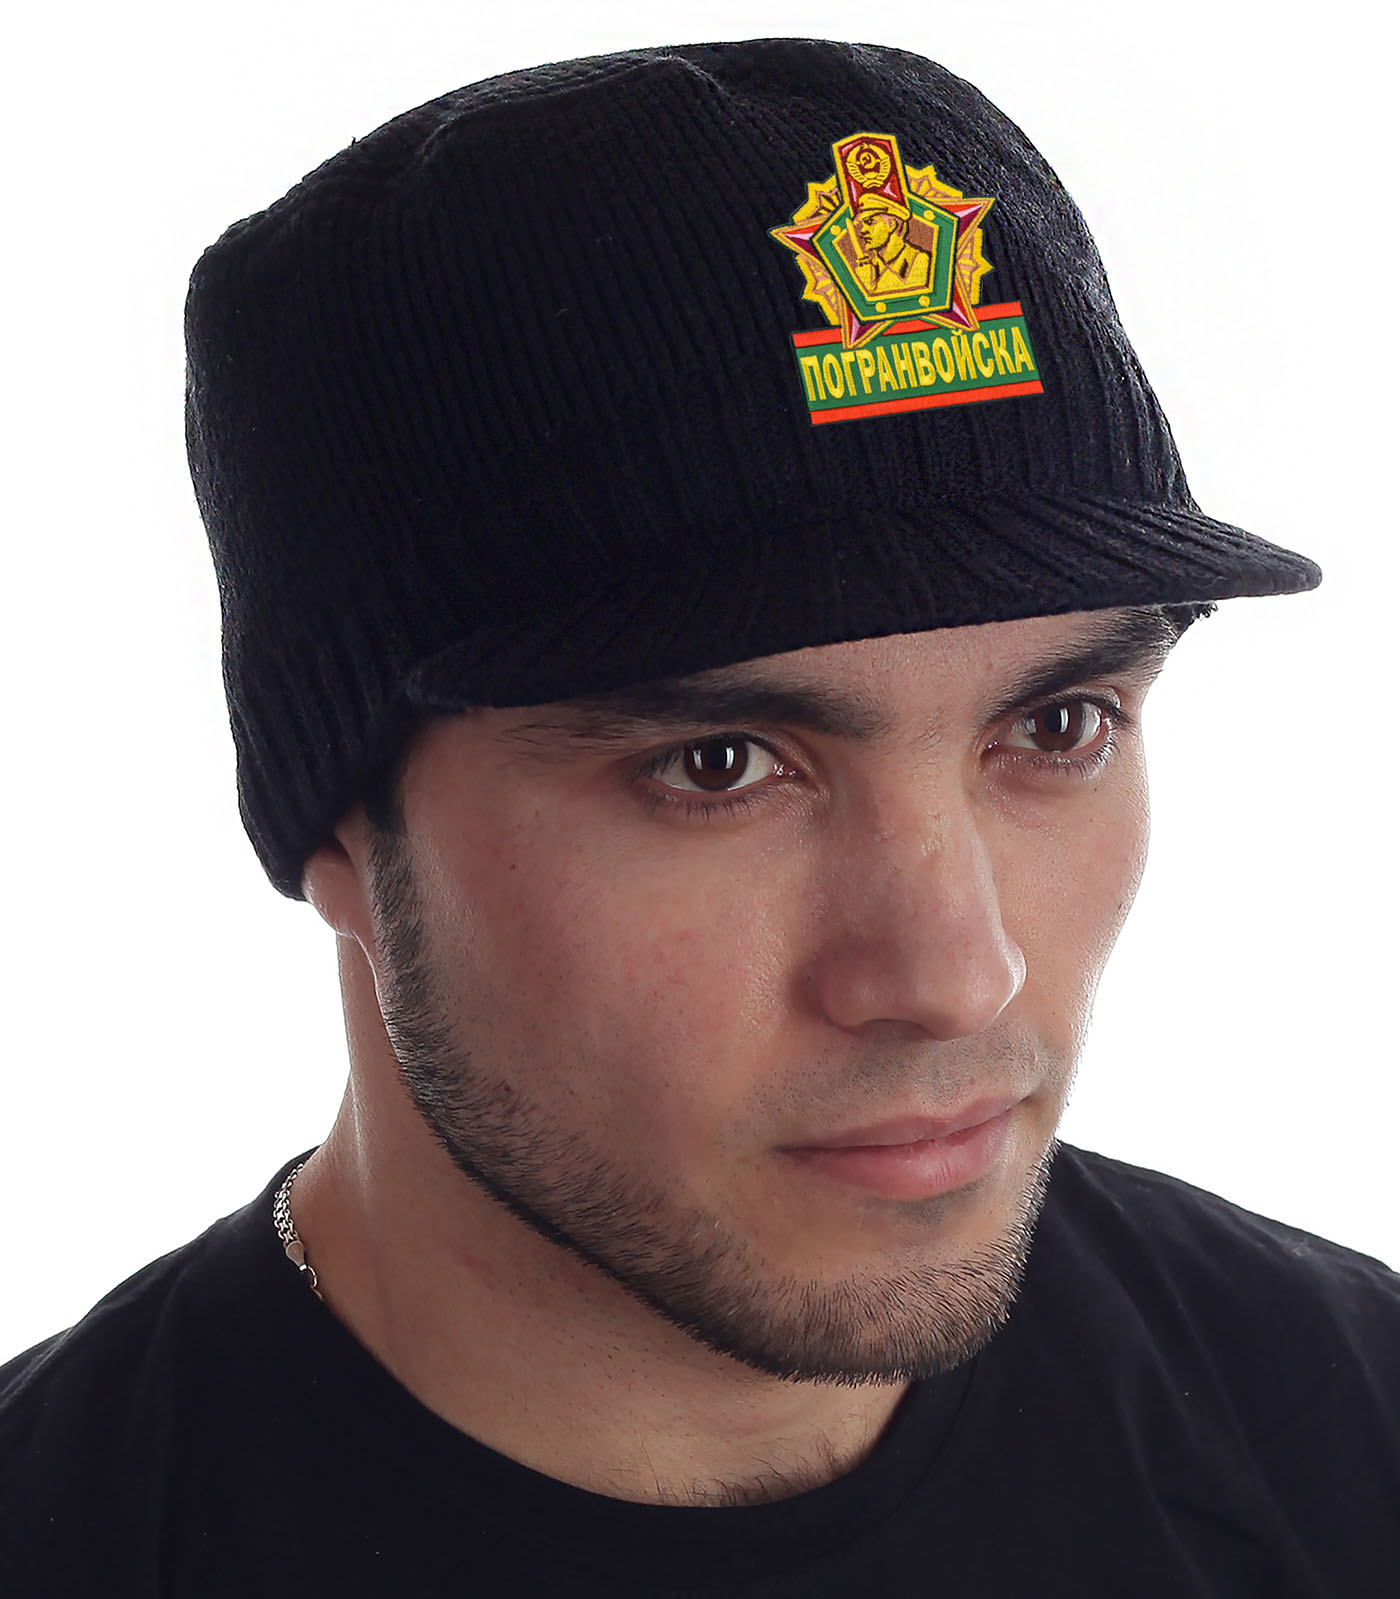 Купить крутую кепку-шапку Miller Way с нашивкой Погранвойска с доставкой в ваш город